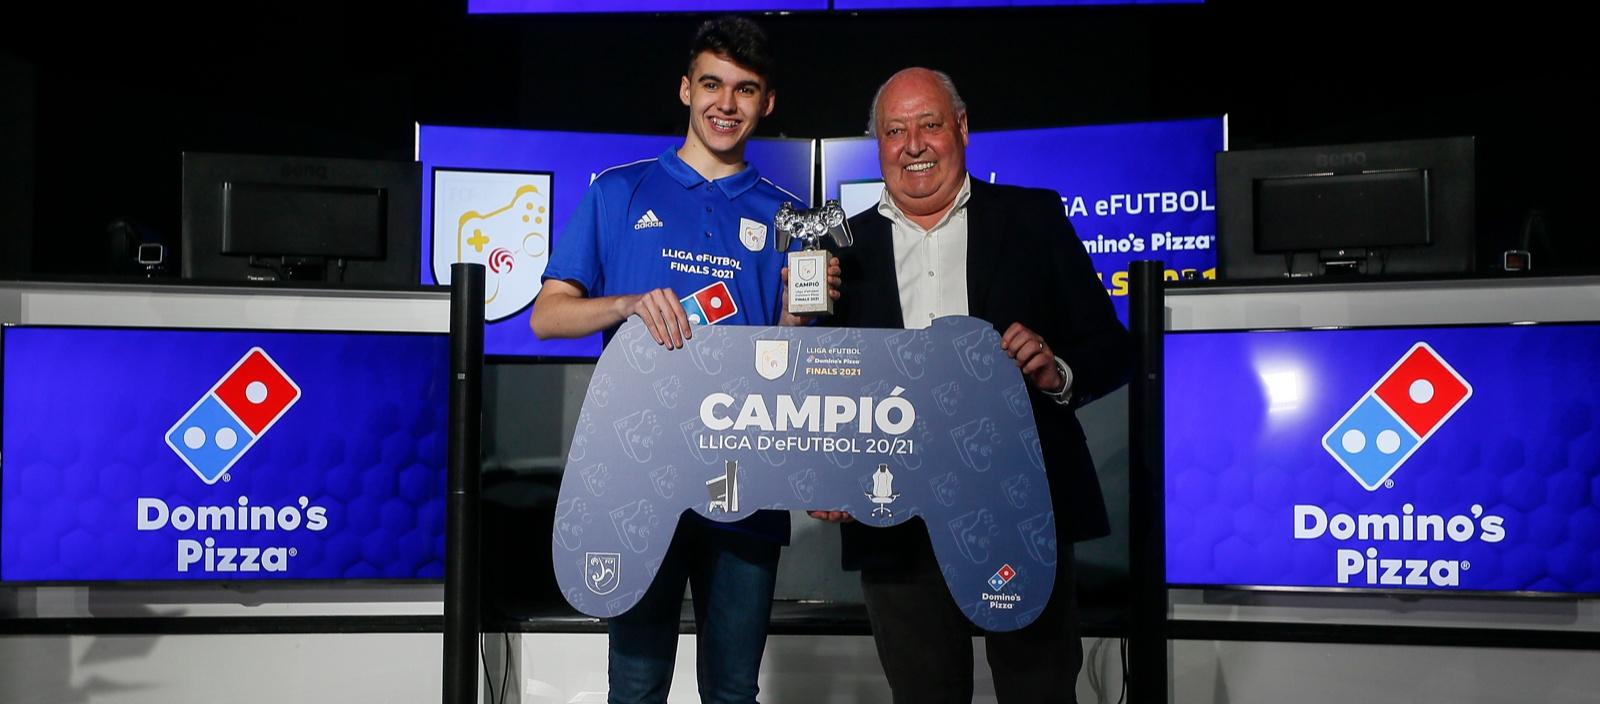 Jordi Martínez, flamant guanyador de la Lliga E-Futbol